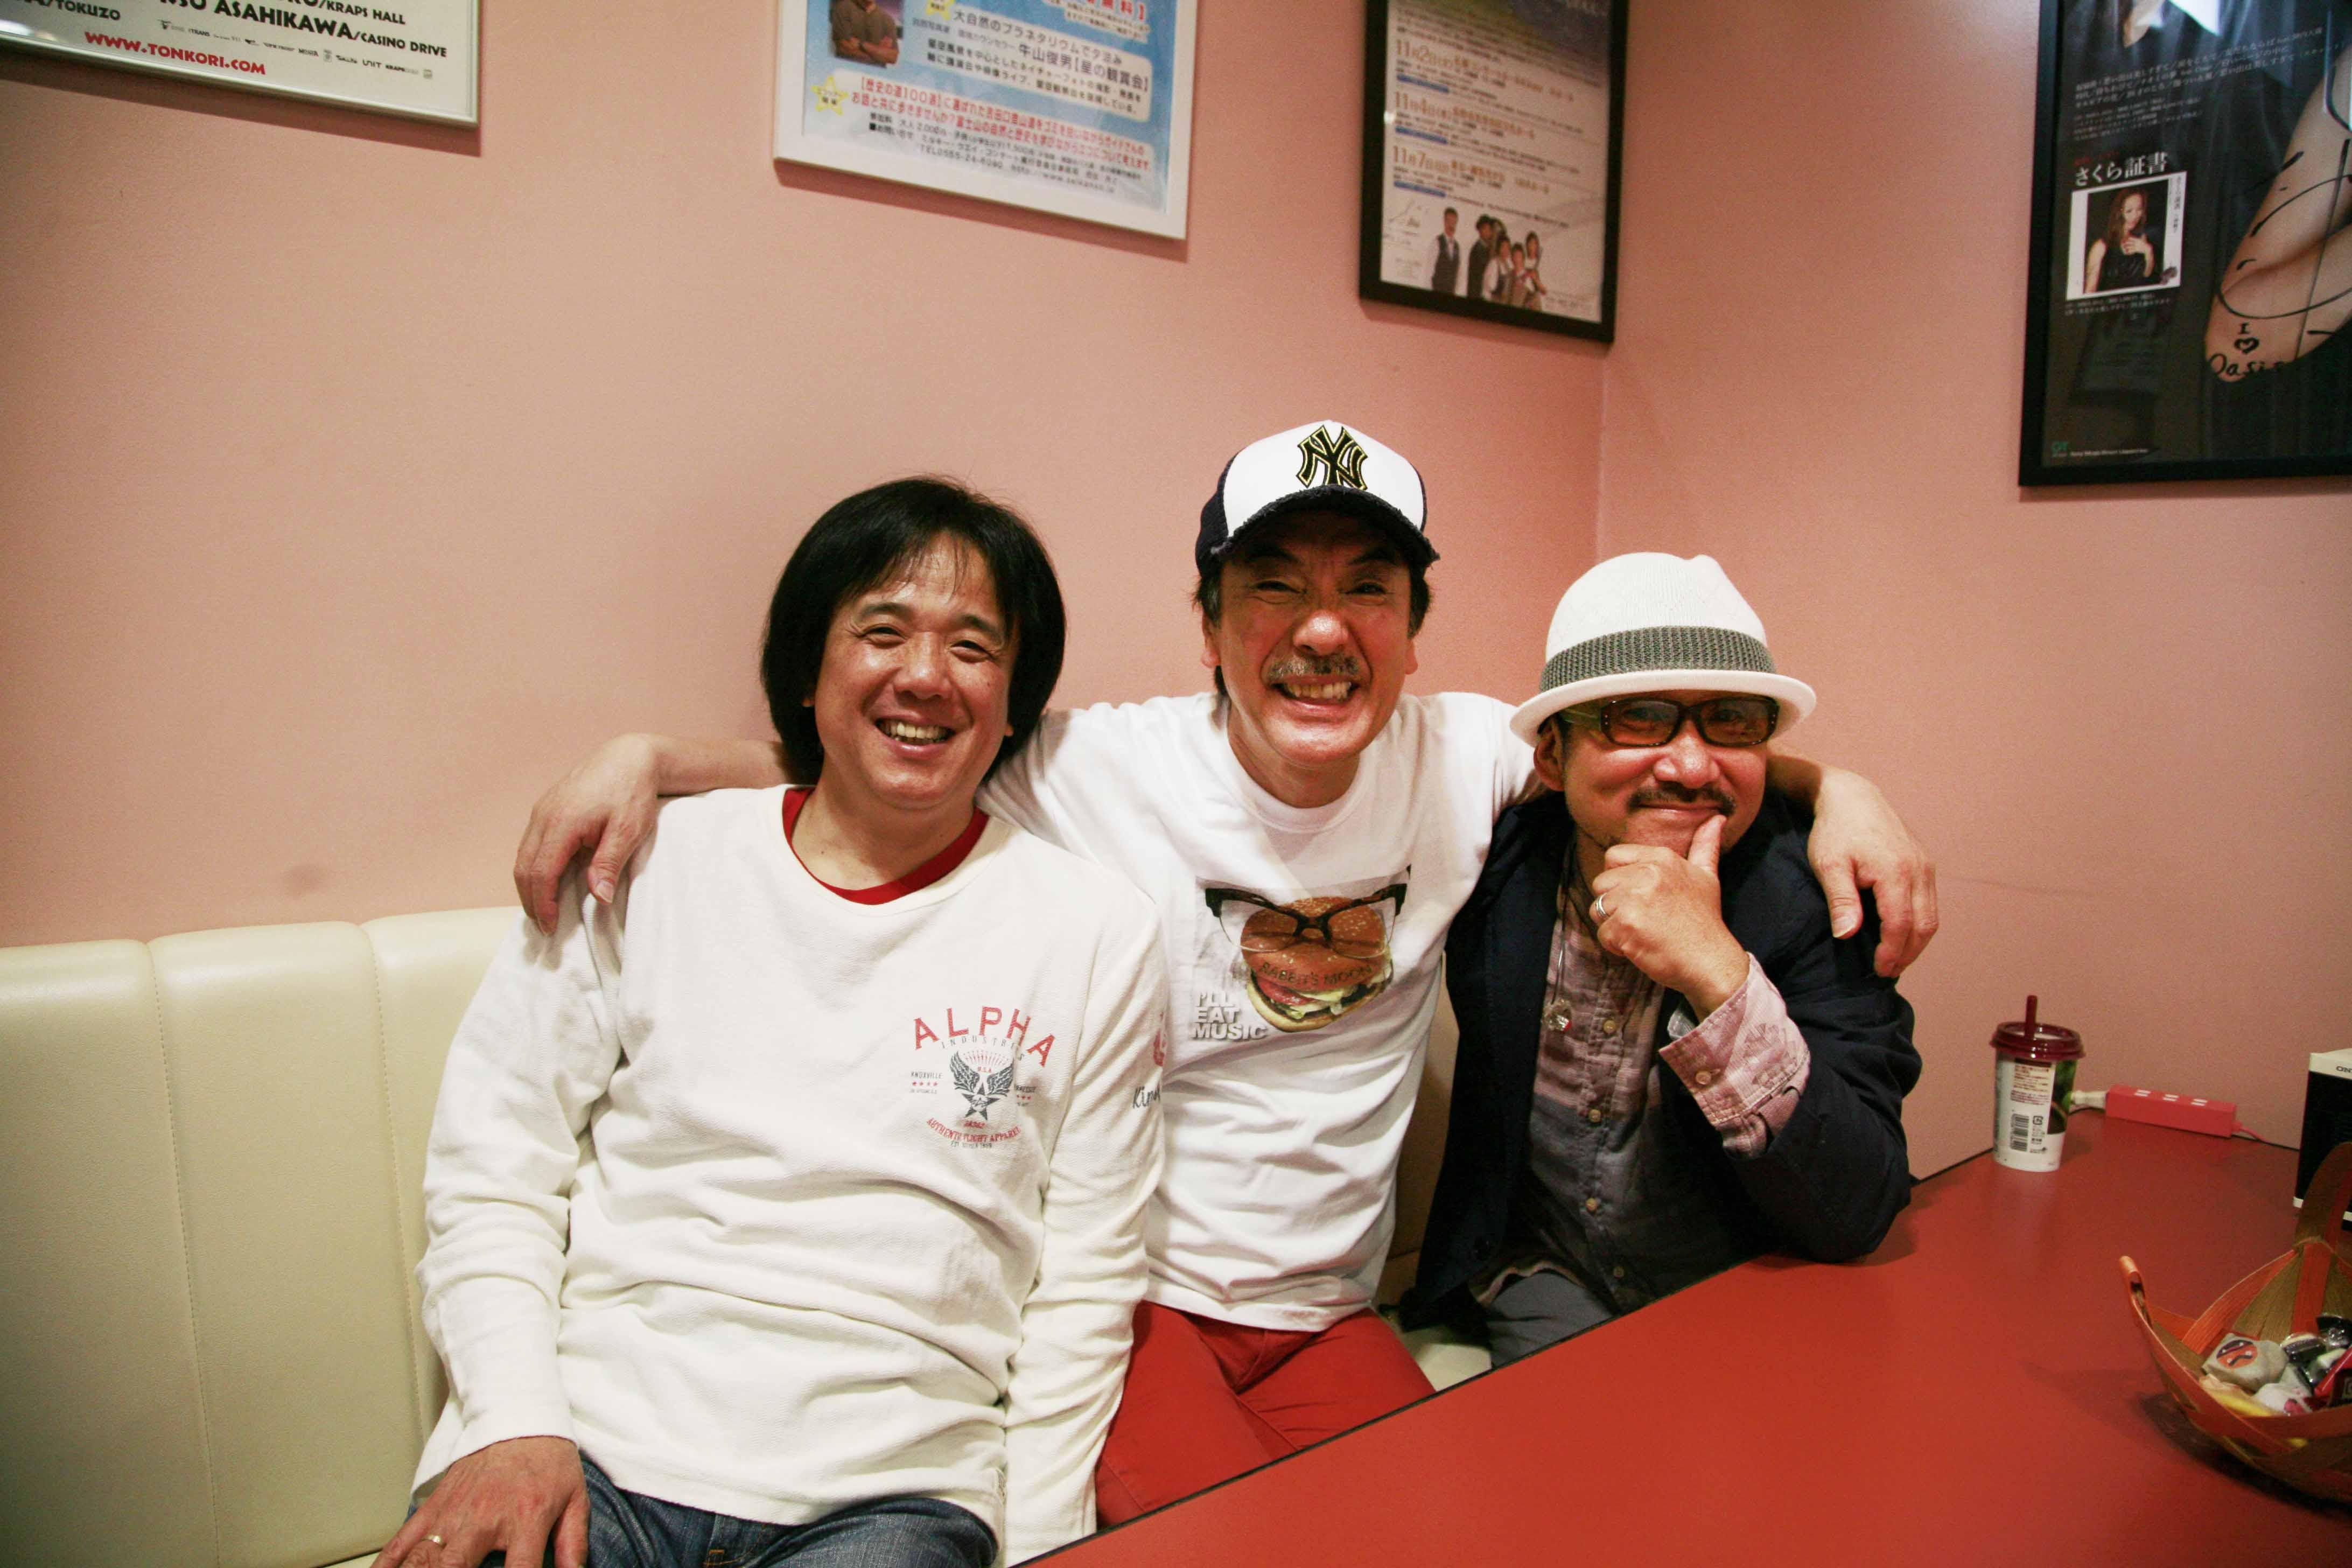 「僕らのポプコンエイジ〜Forever Friends,Forever Cocky Pop〜」